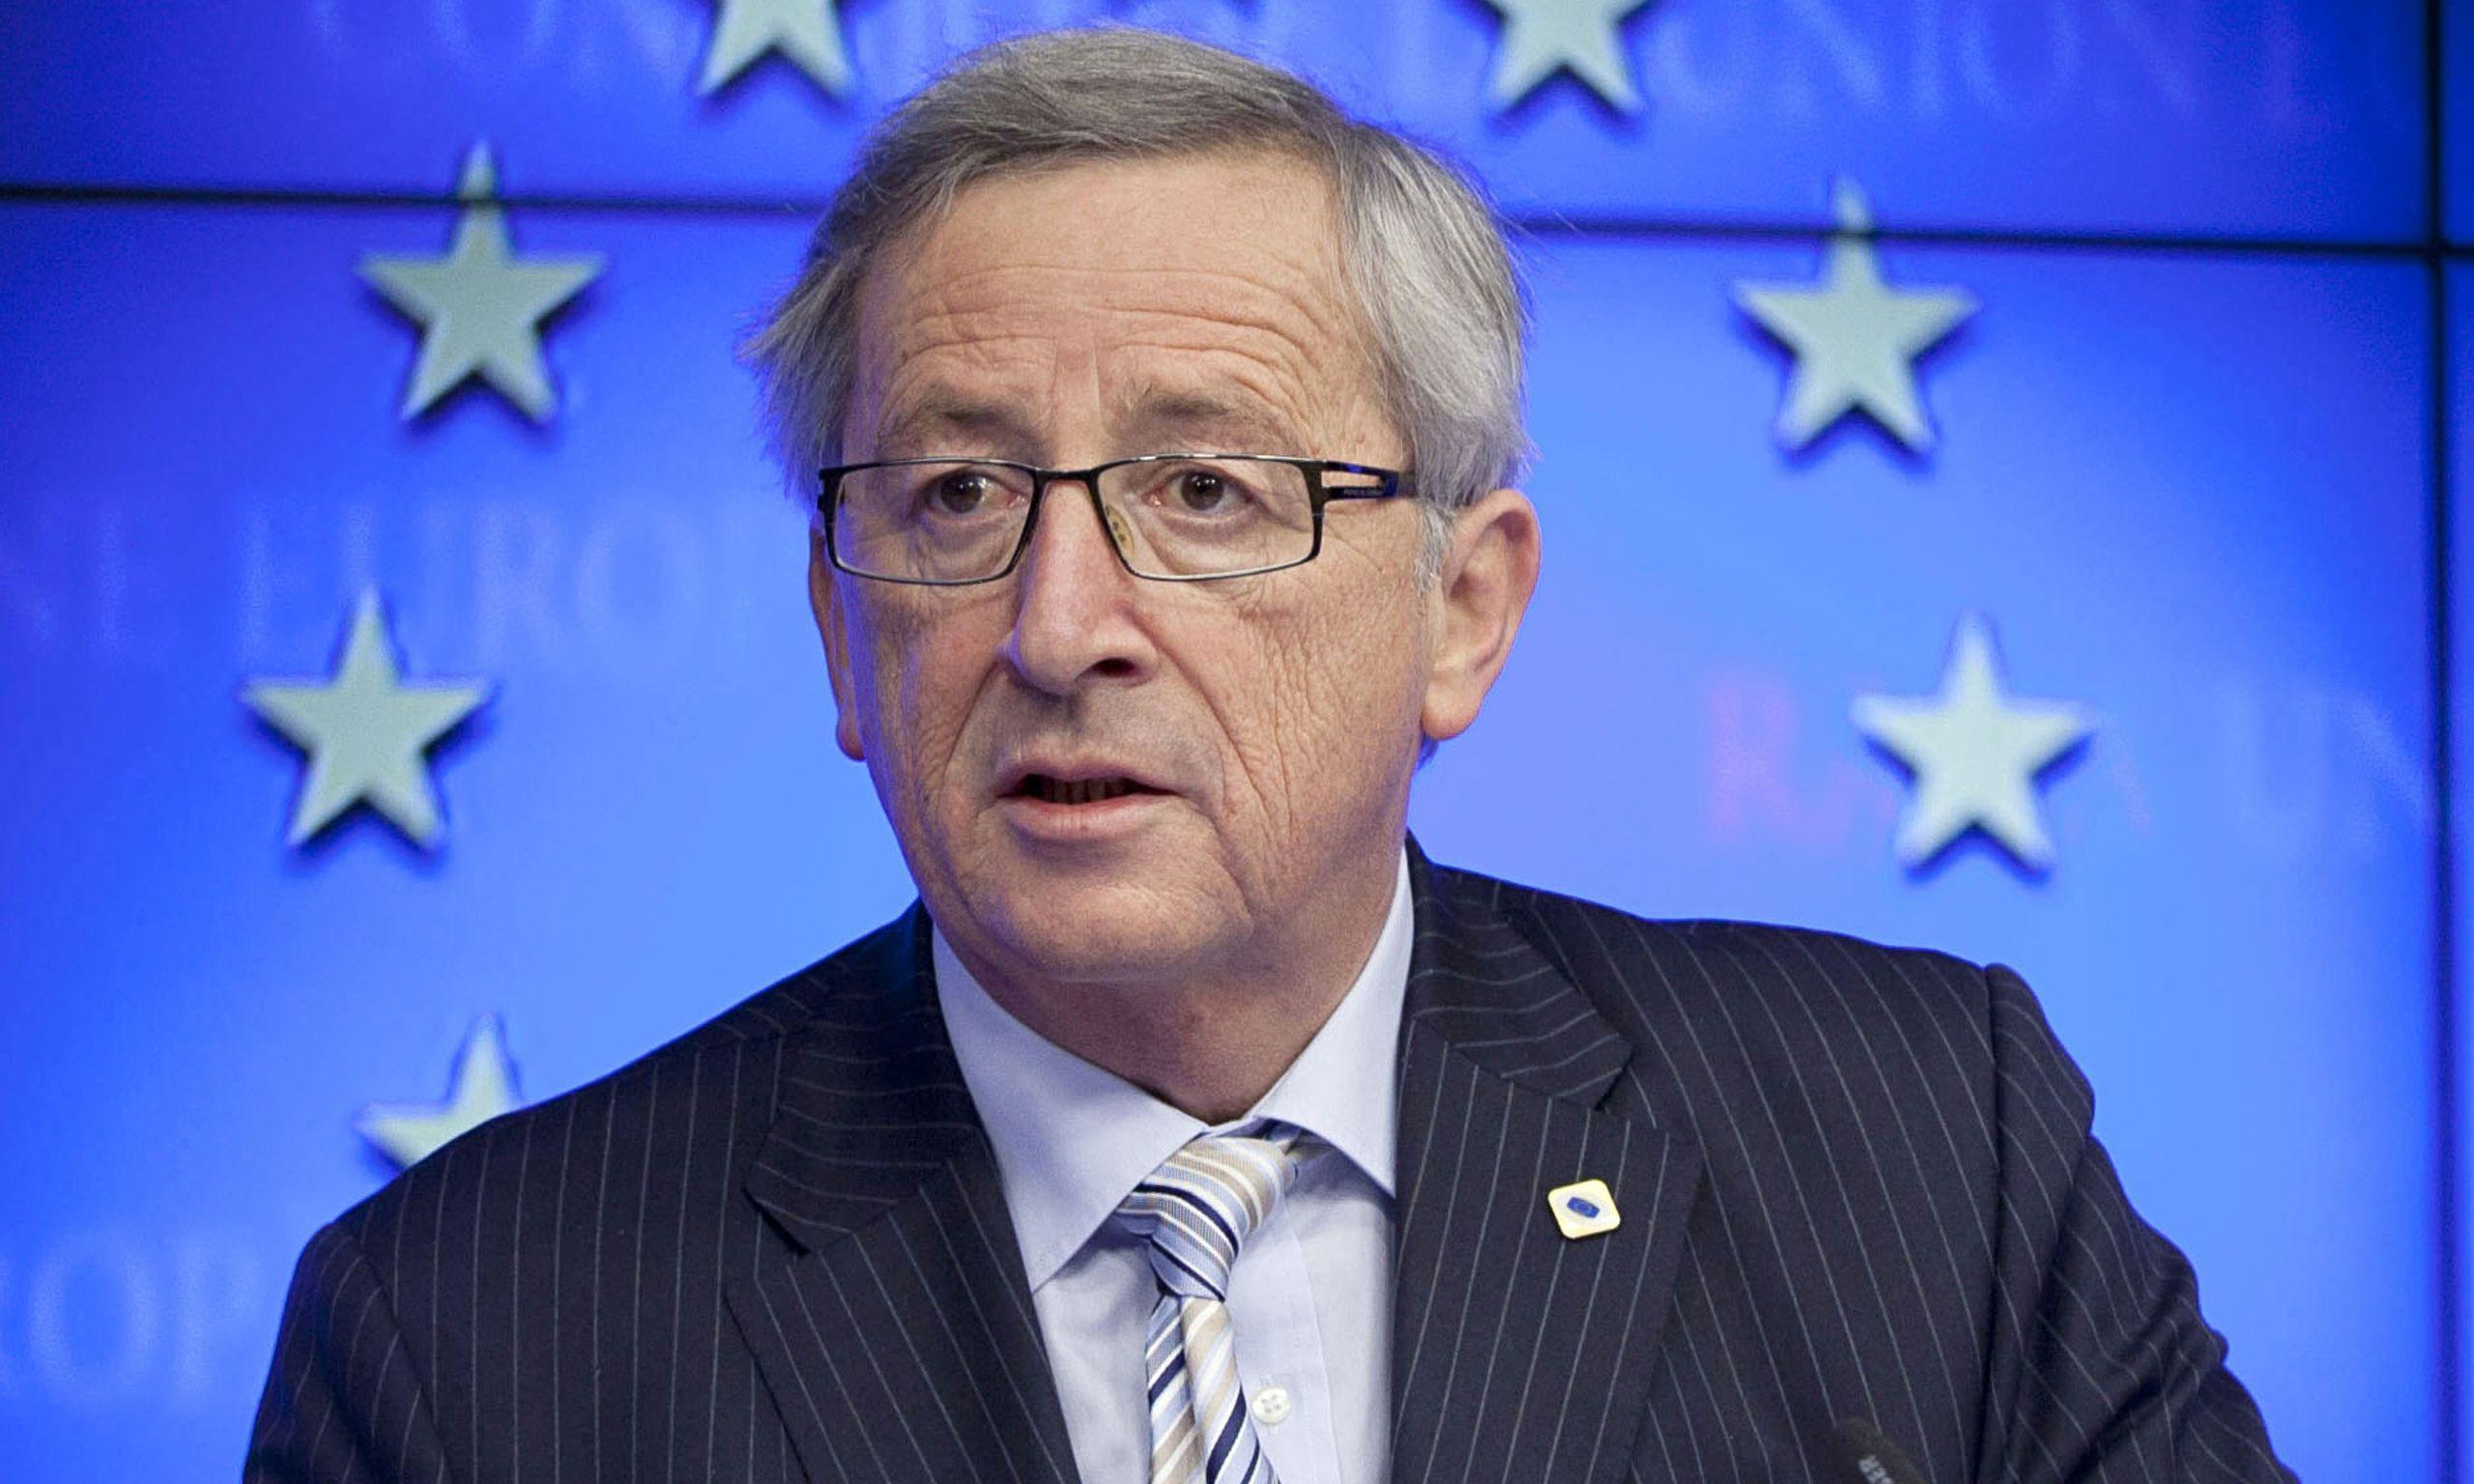 Empecemos por la Unión Europea. ¿Qué opinión tienes de Jean-Claude Juncker, Presidente de la Comisión Europea?